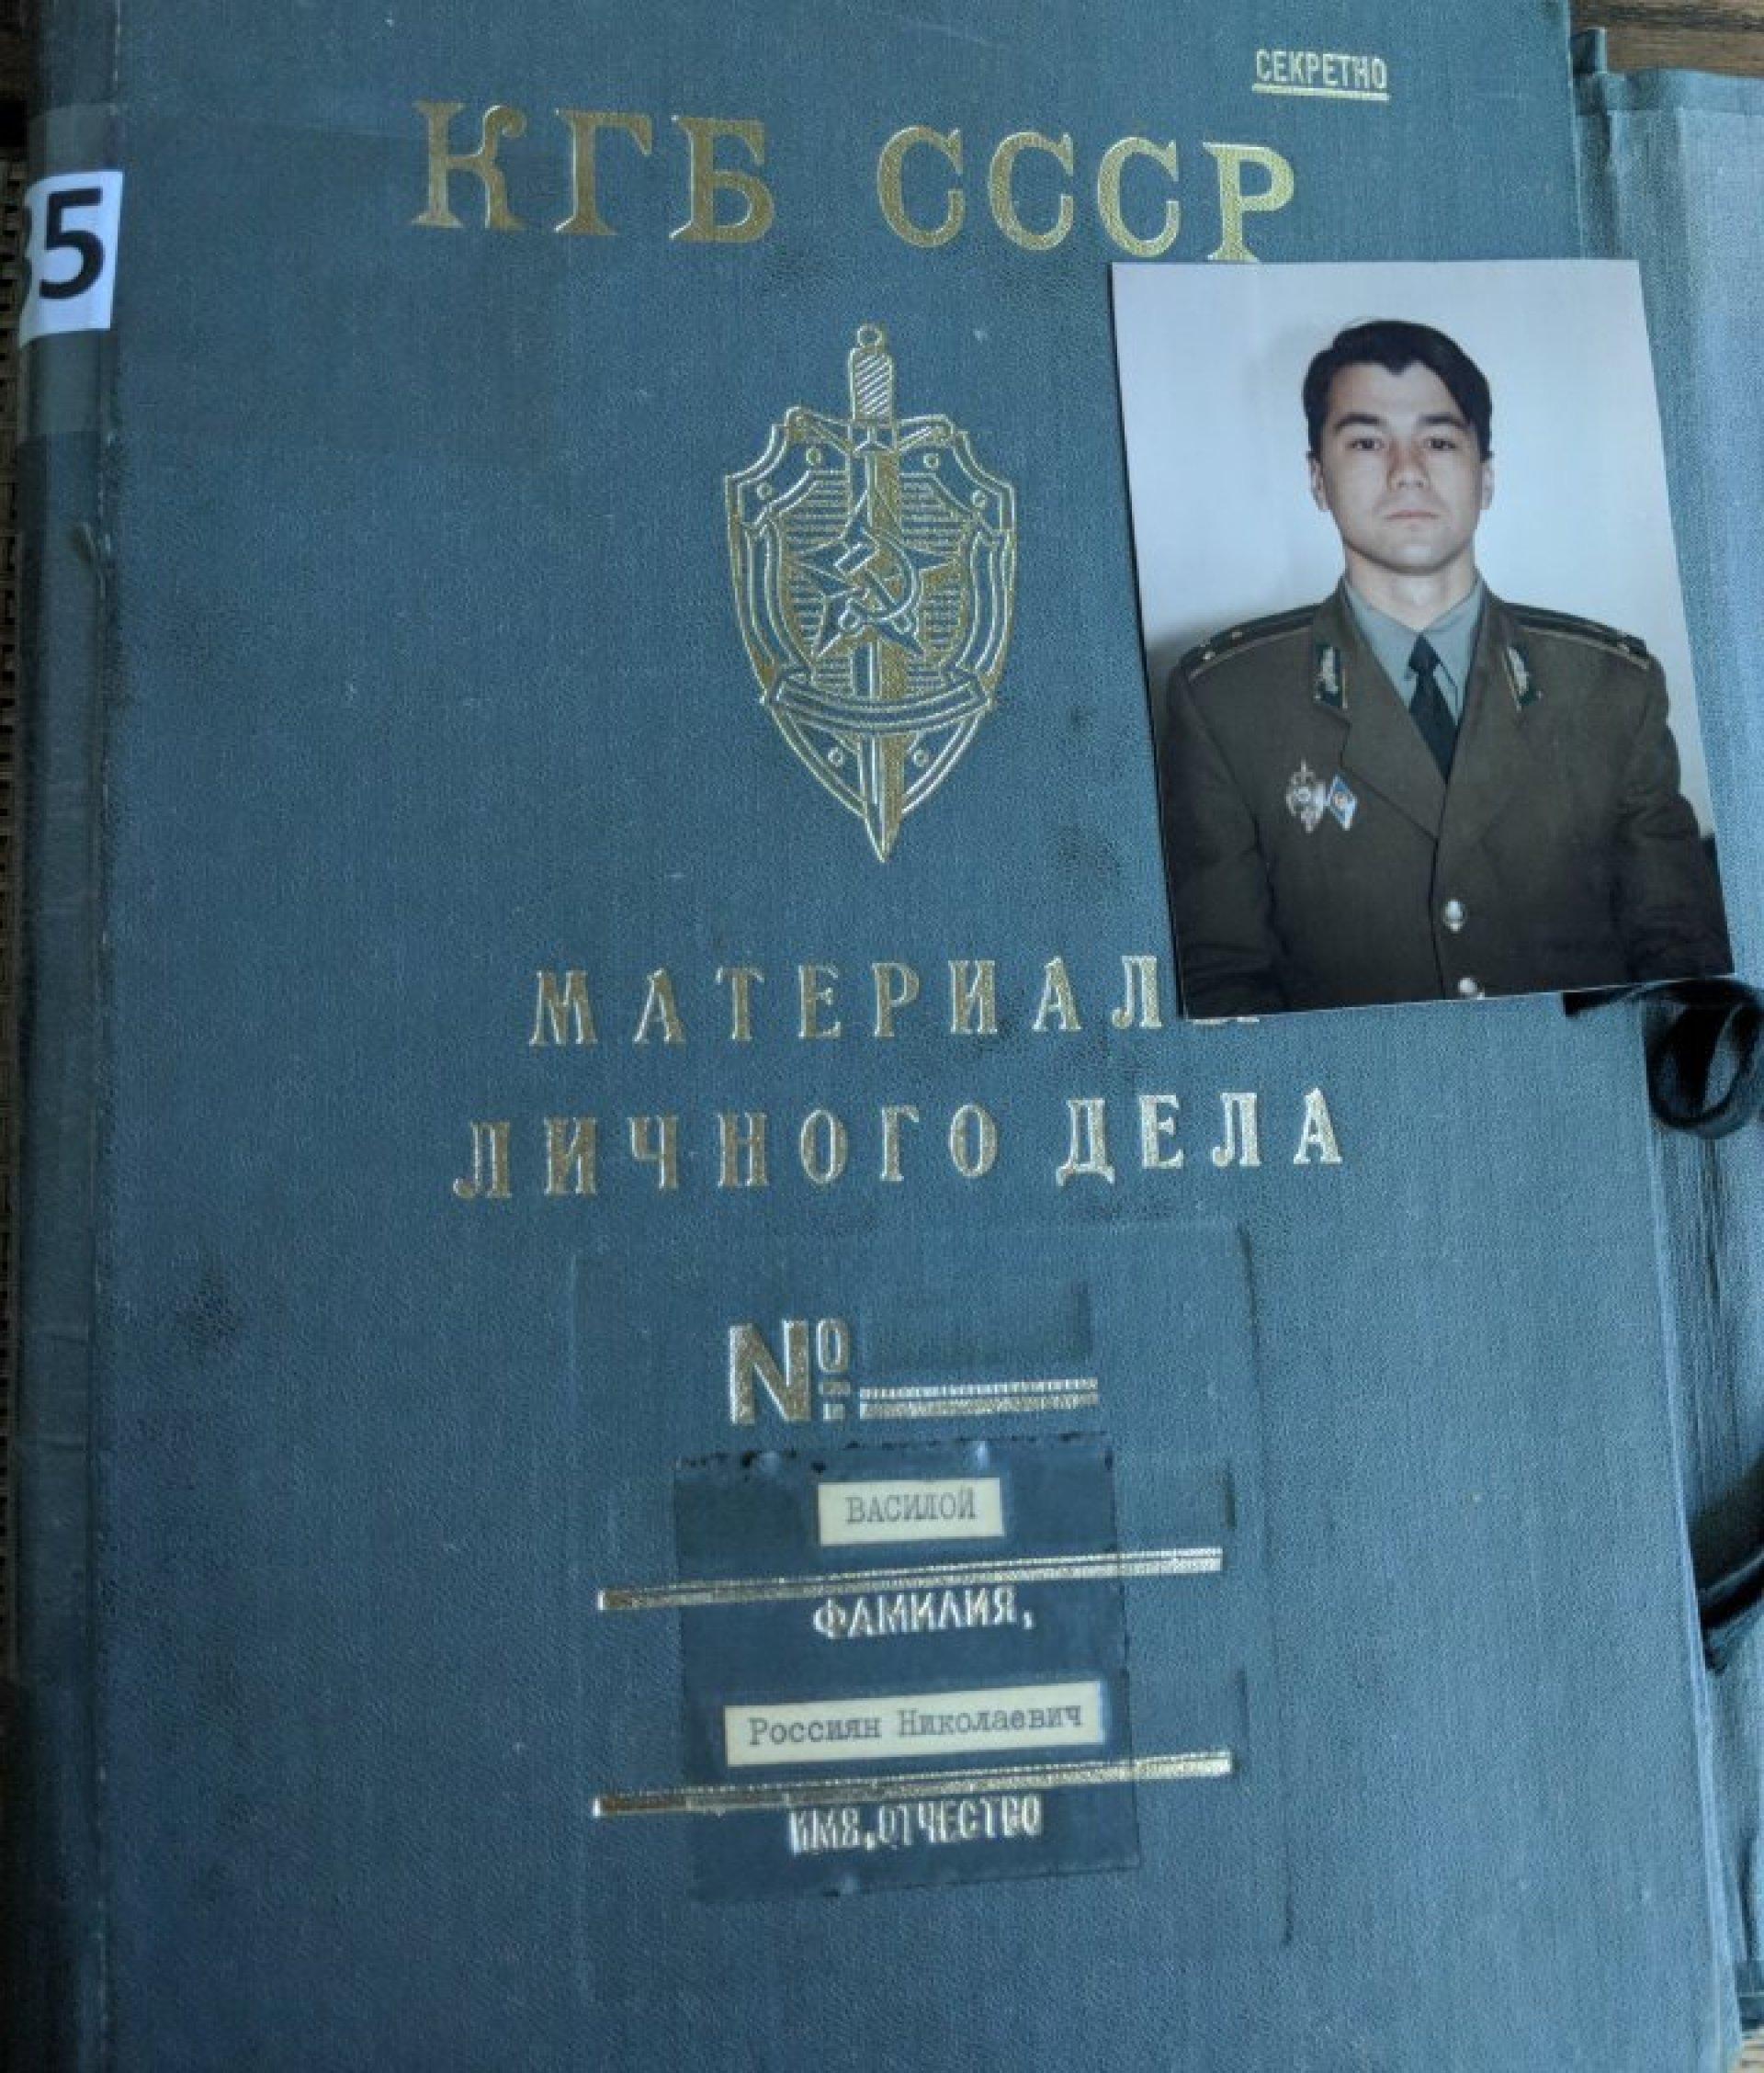 Documente inedite care demonstrează legătura lui Vasiloi şi Platon cu serviciile speciale ale Rusiei   CANAL3.MD